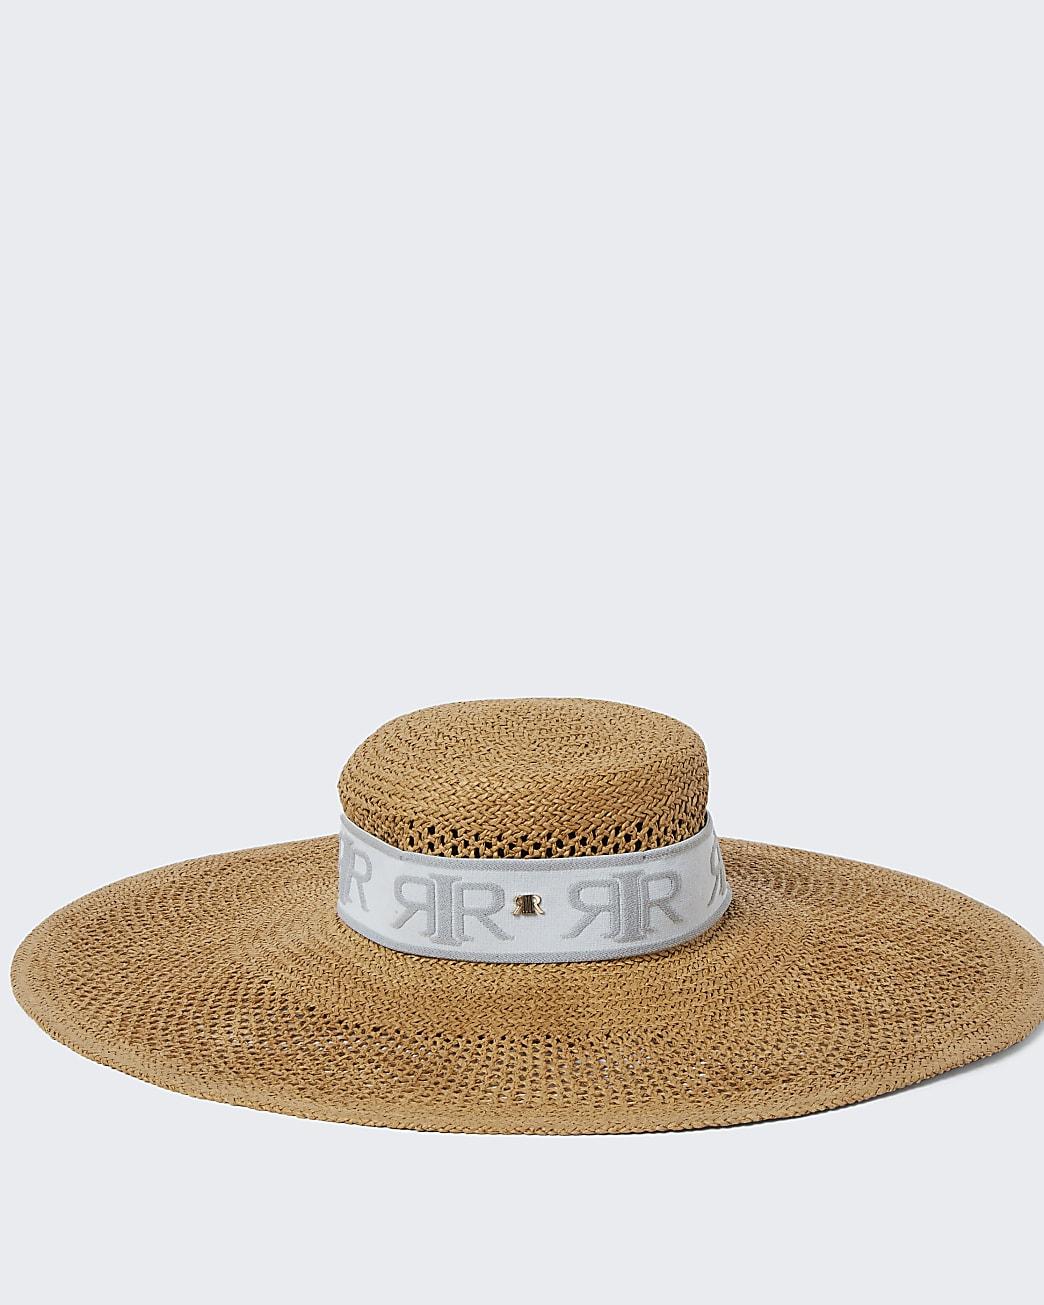 Brown RIR oversized sun hat